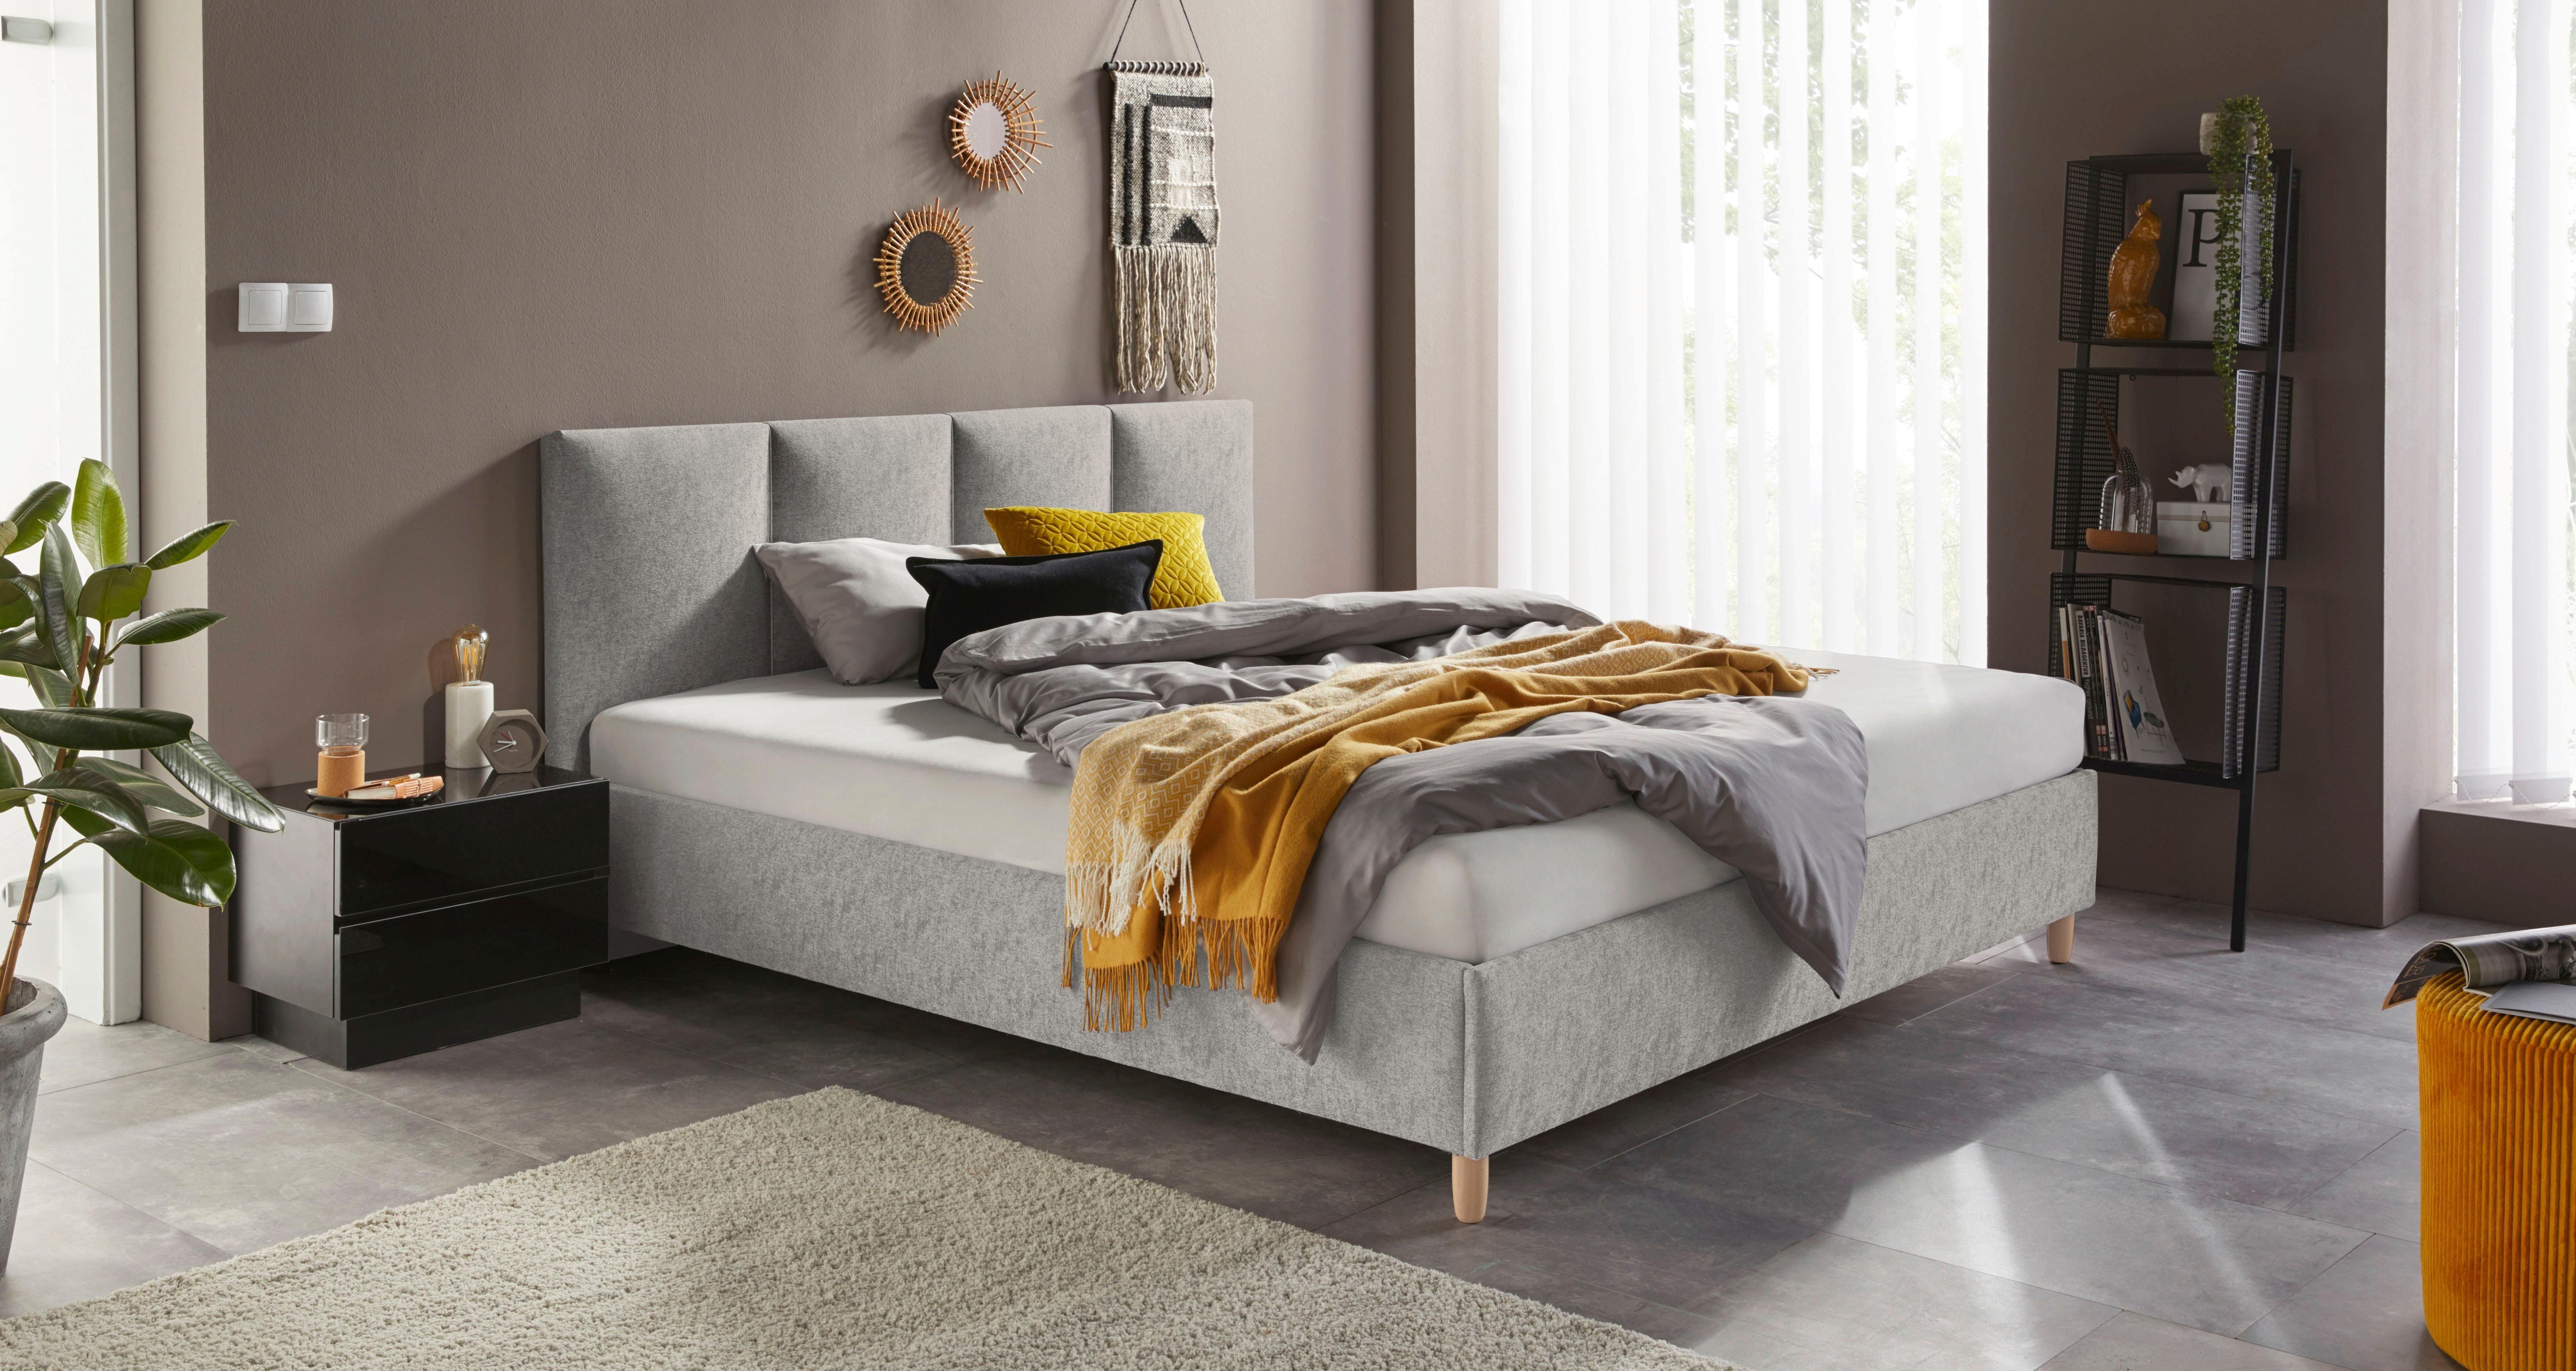 Grijs bed in slaapkamer met gele accenten